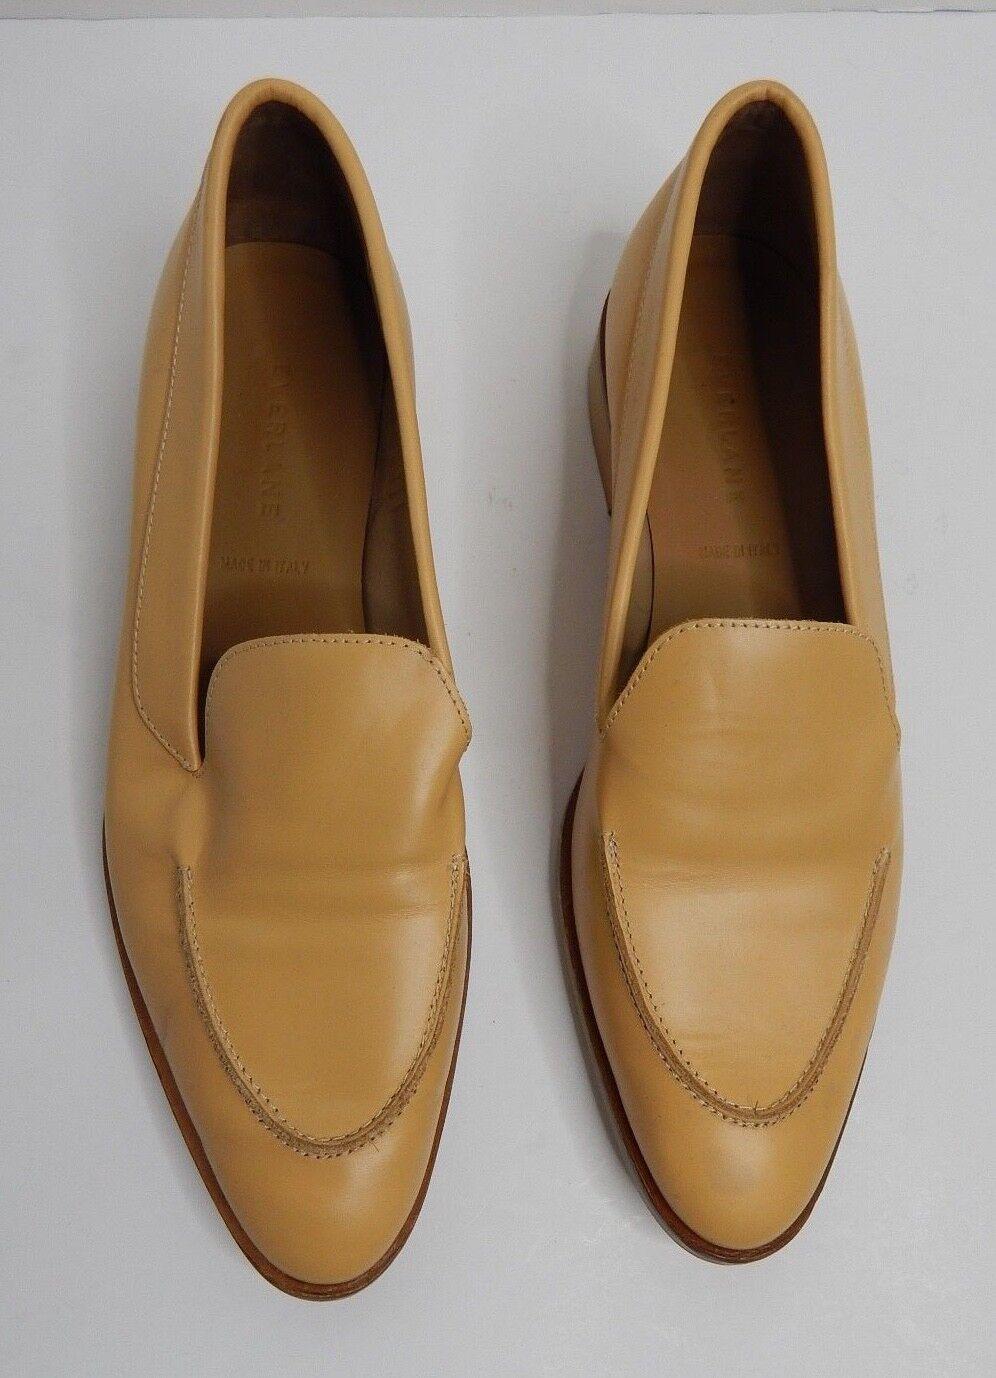 100% autentico Everlane Everlane Everlane Donna The Modern Loafer Camel Sz 9  marchi di stilisti economici